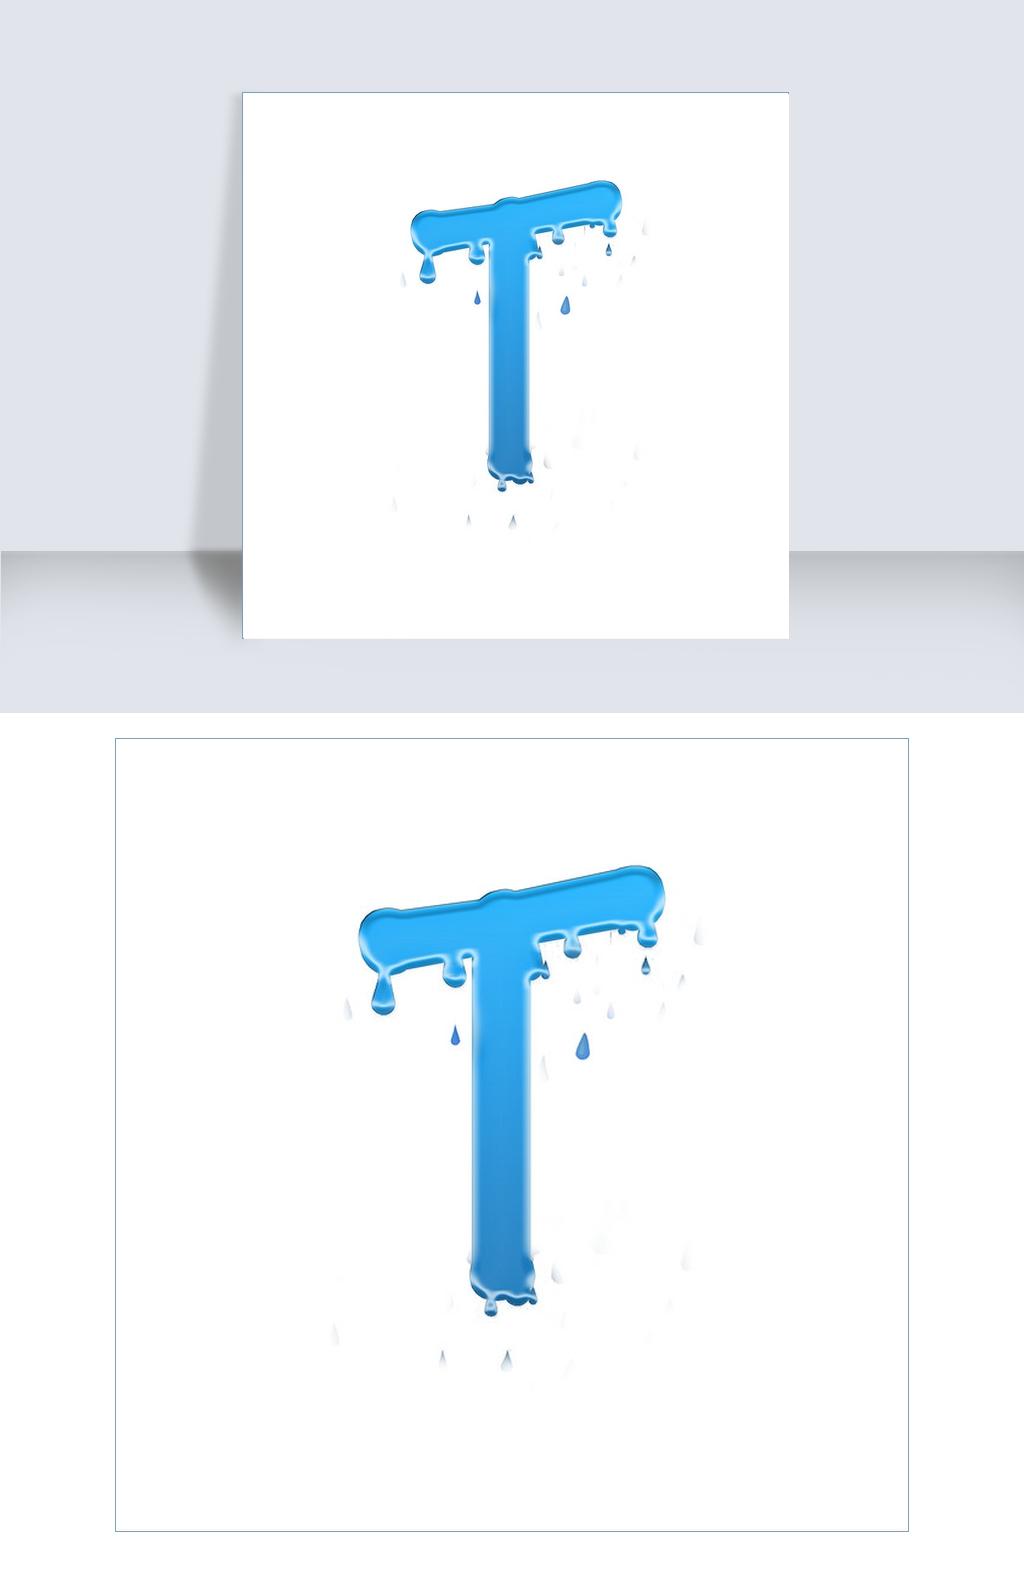 蓝色水滴滑落大写字母T艺术字千库原创图片素材 其他格式 下载 其他大全